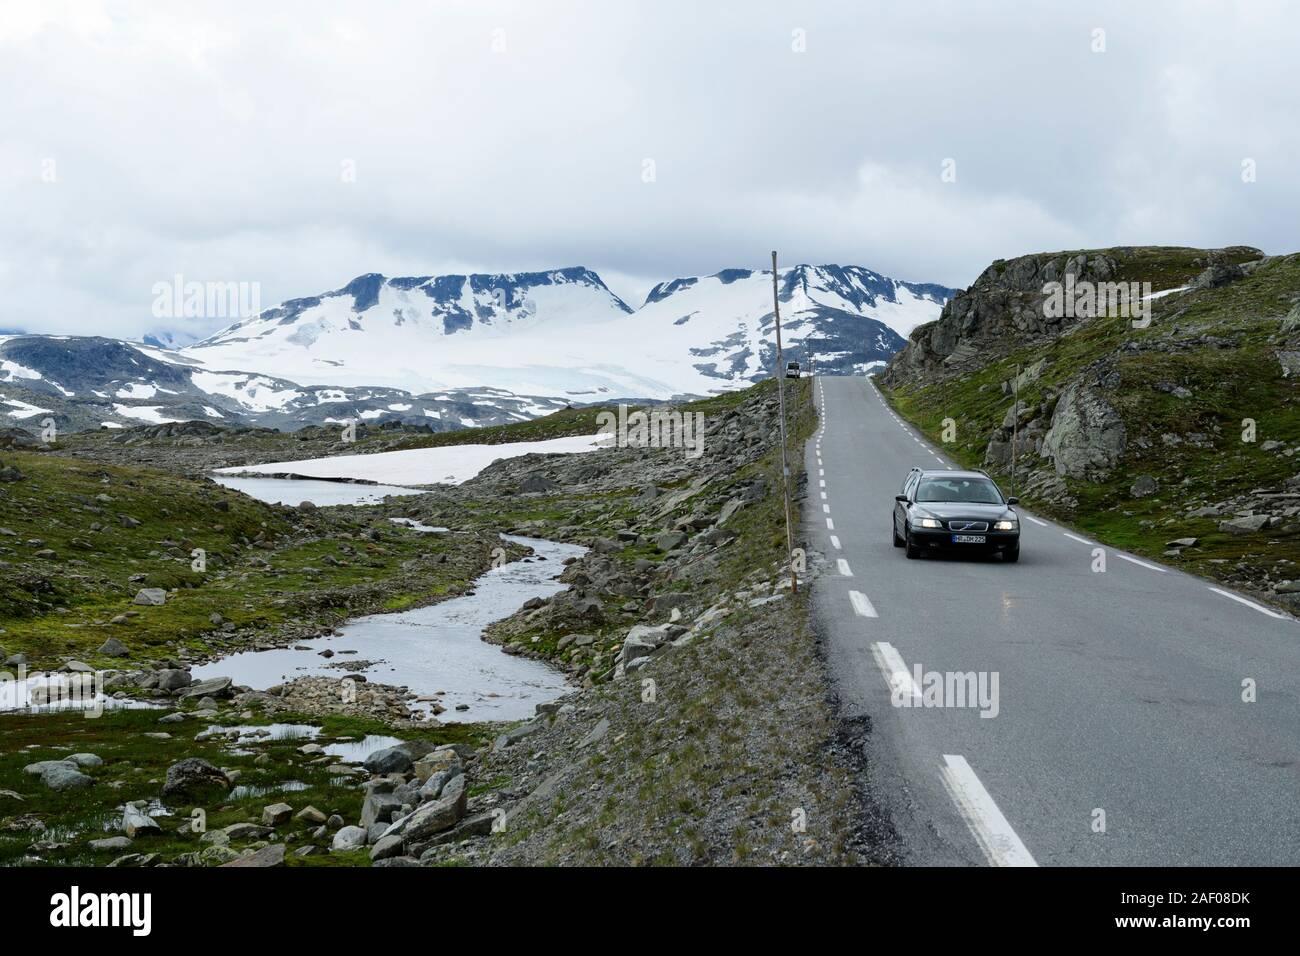 La conducción del automóvil en la carretera de montaña Sognefjell en Parque Nacional de Jotunheimen, Noruega Foto de stock